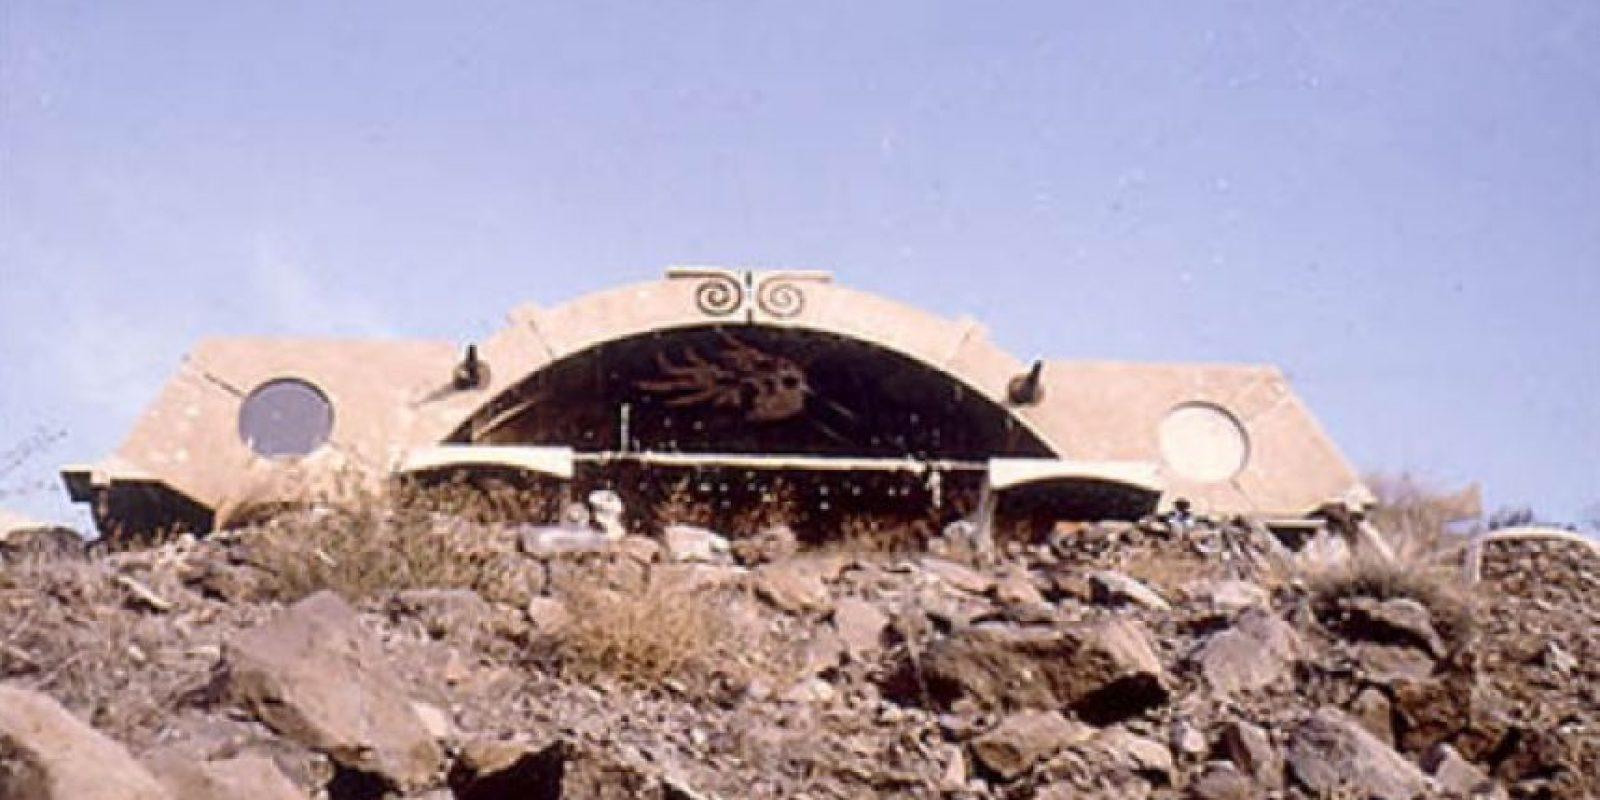 """Arcosanti es un """"laboratorio urbano"""" ecológico situado en 25 acres en el desierto de Arizona. En él se encuentra un anfiteatro al aire libre, cuenta con invernaderos, jardines y campos de cultivo ademas de edificios interesantes. Un lugar impresionante para disfrutar festivales musicales. Foto:bateig.com"""